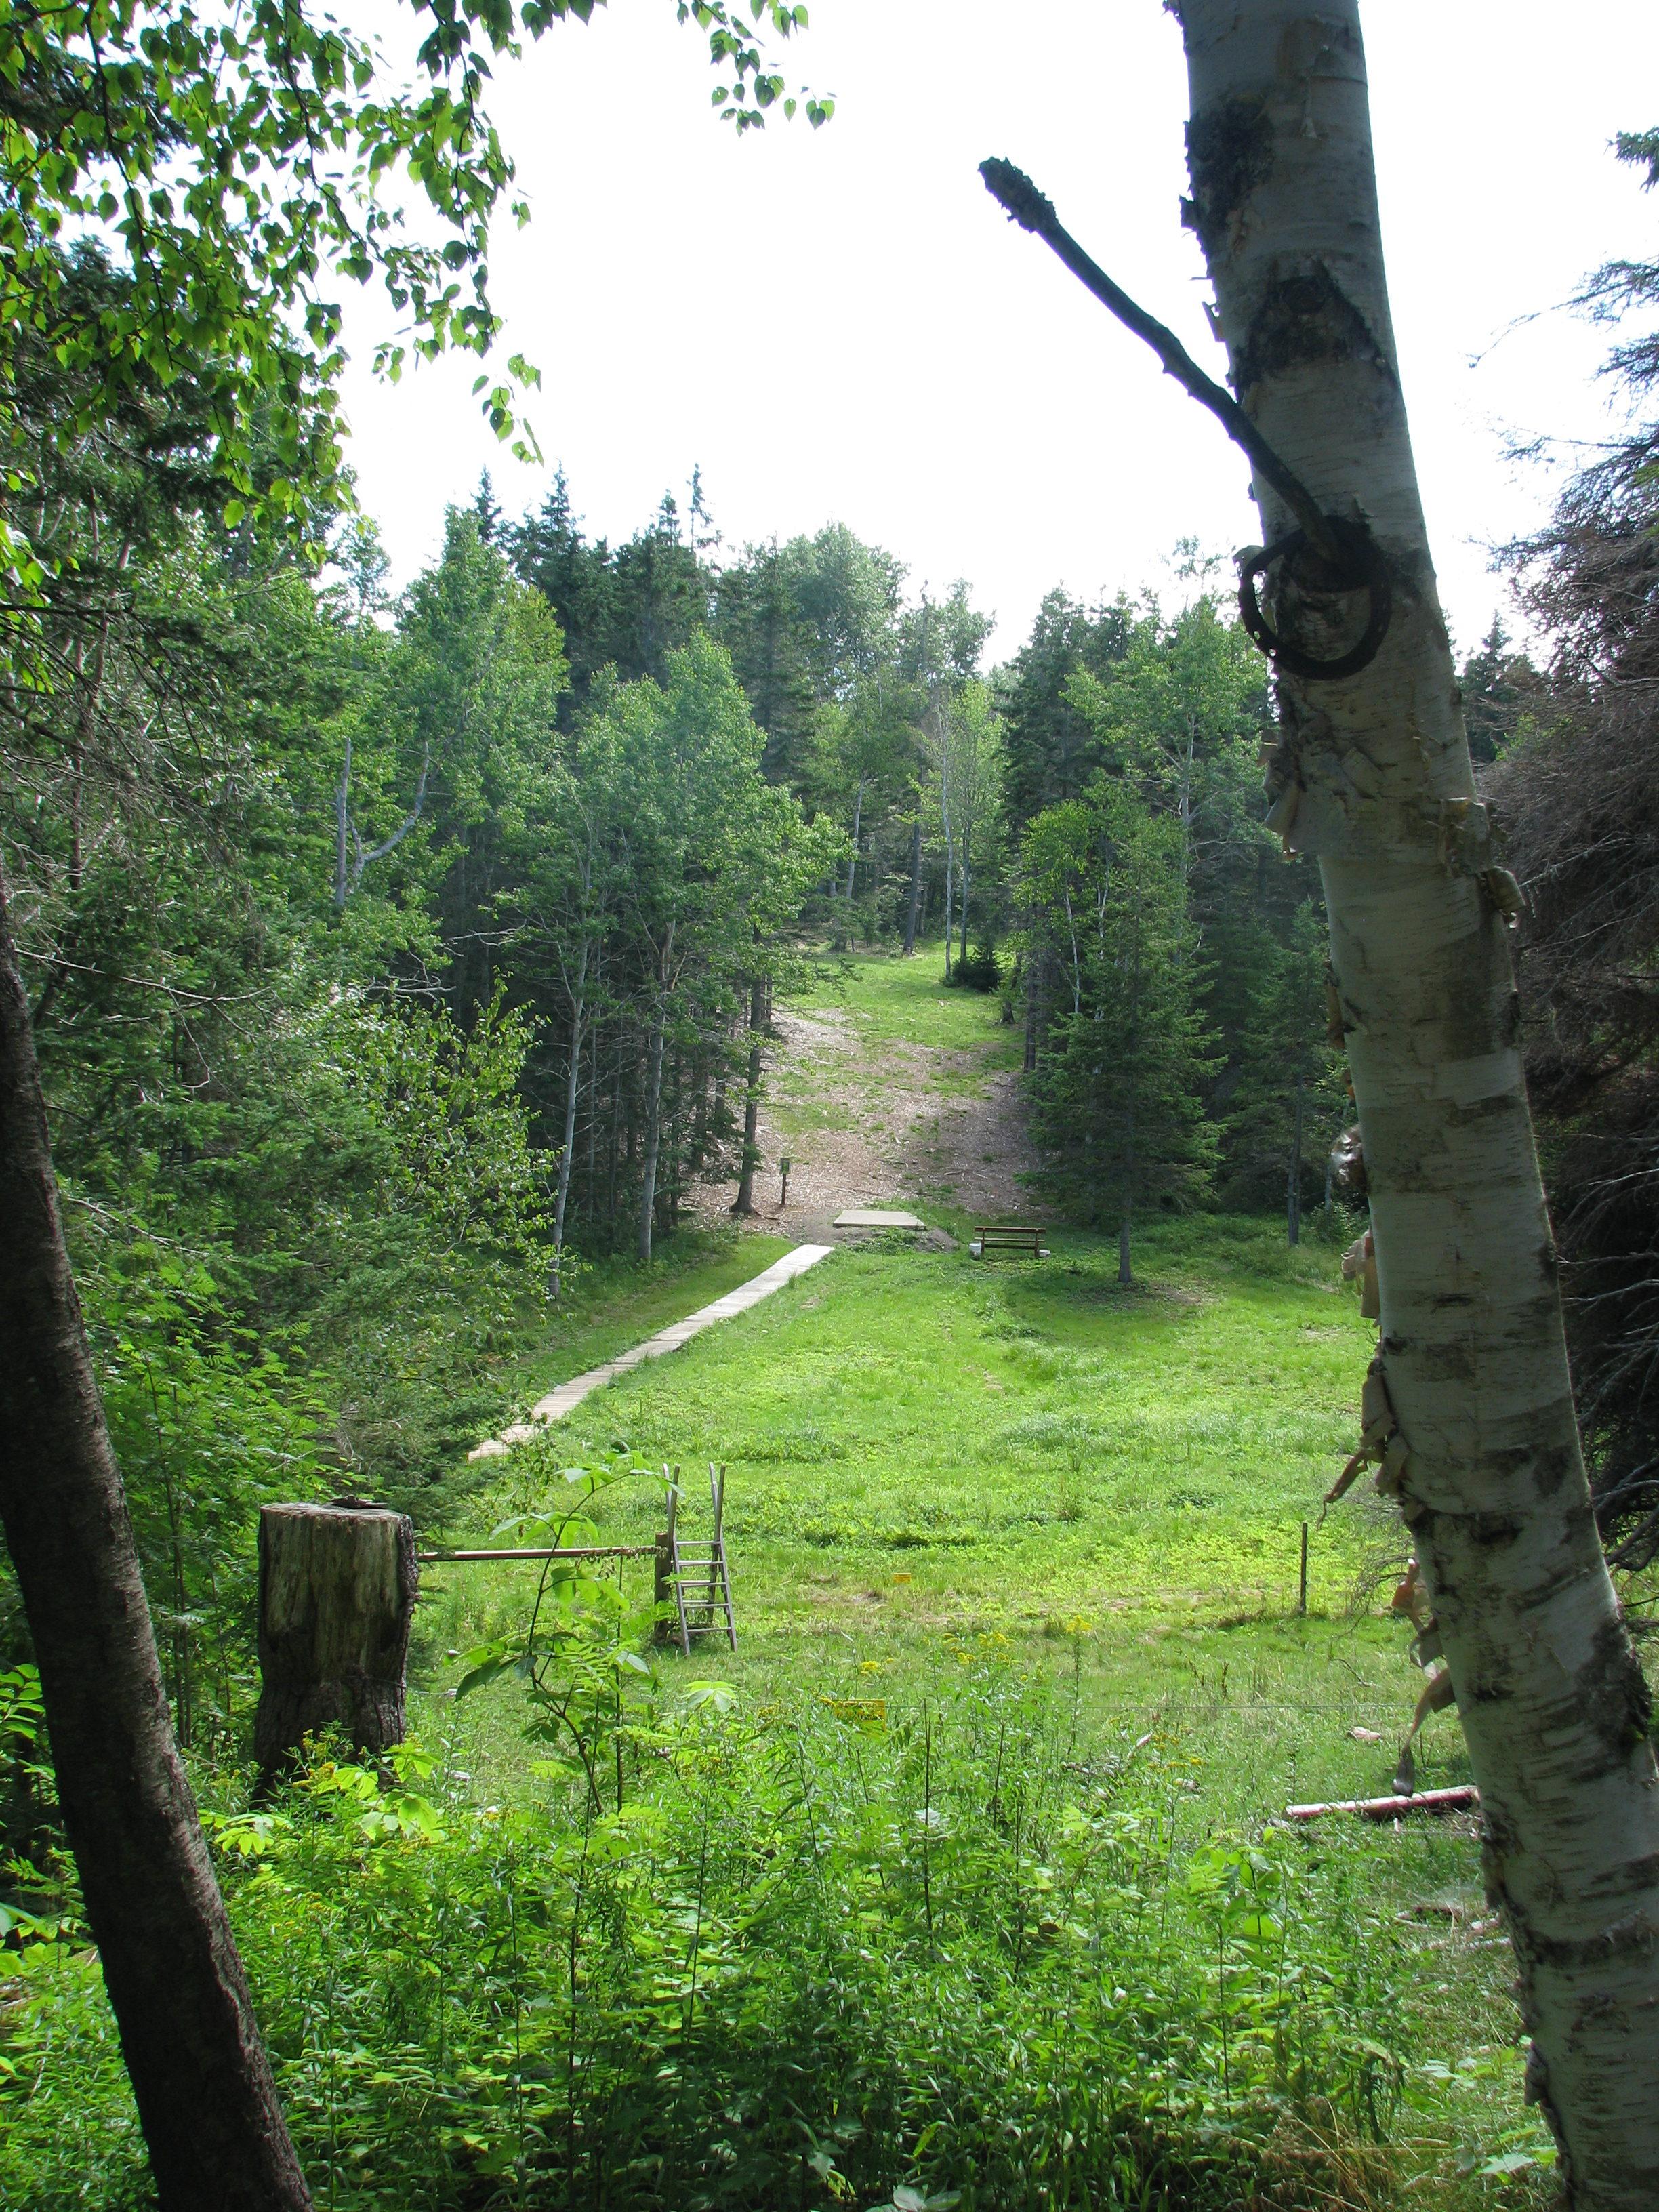 Hillcrest Farm Disc Golf Course - Long tee hole #2